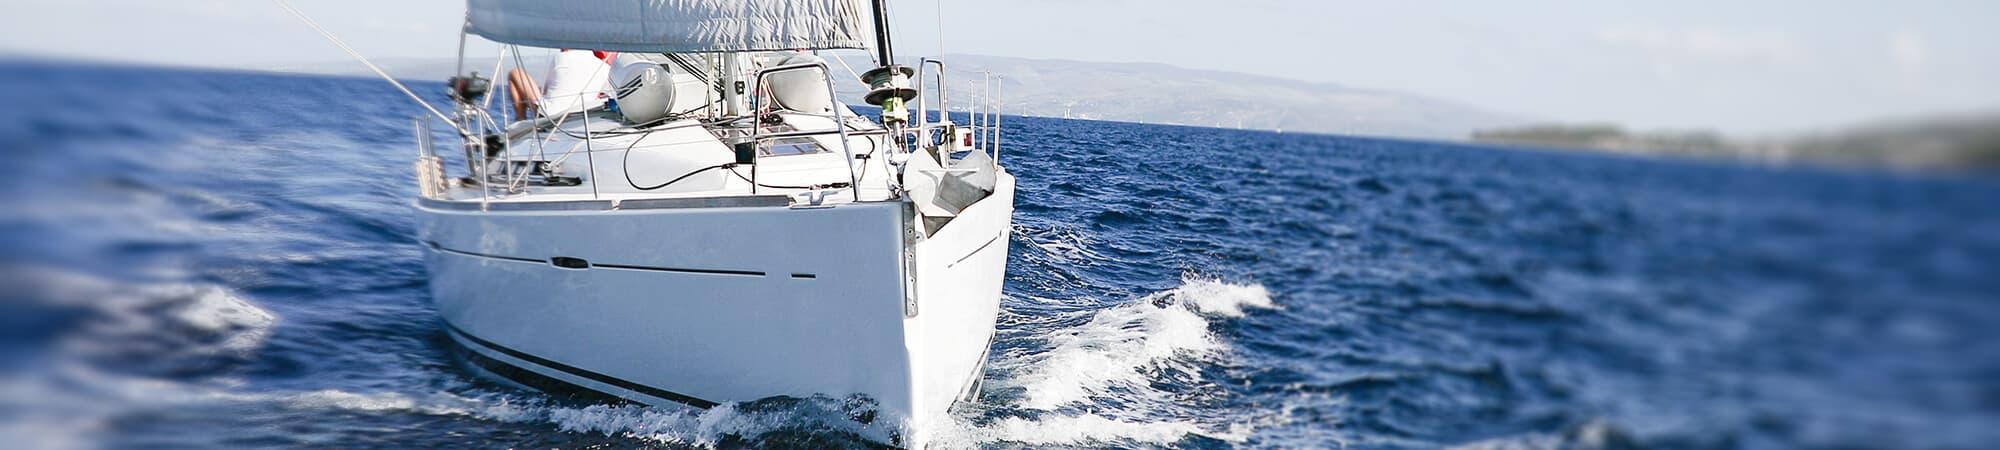 GYC Cruising